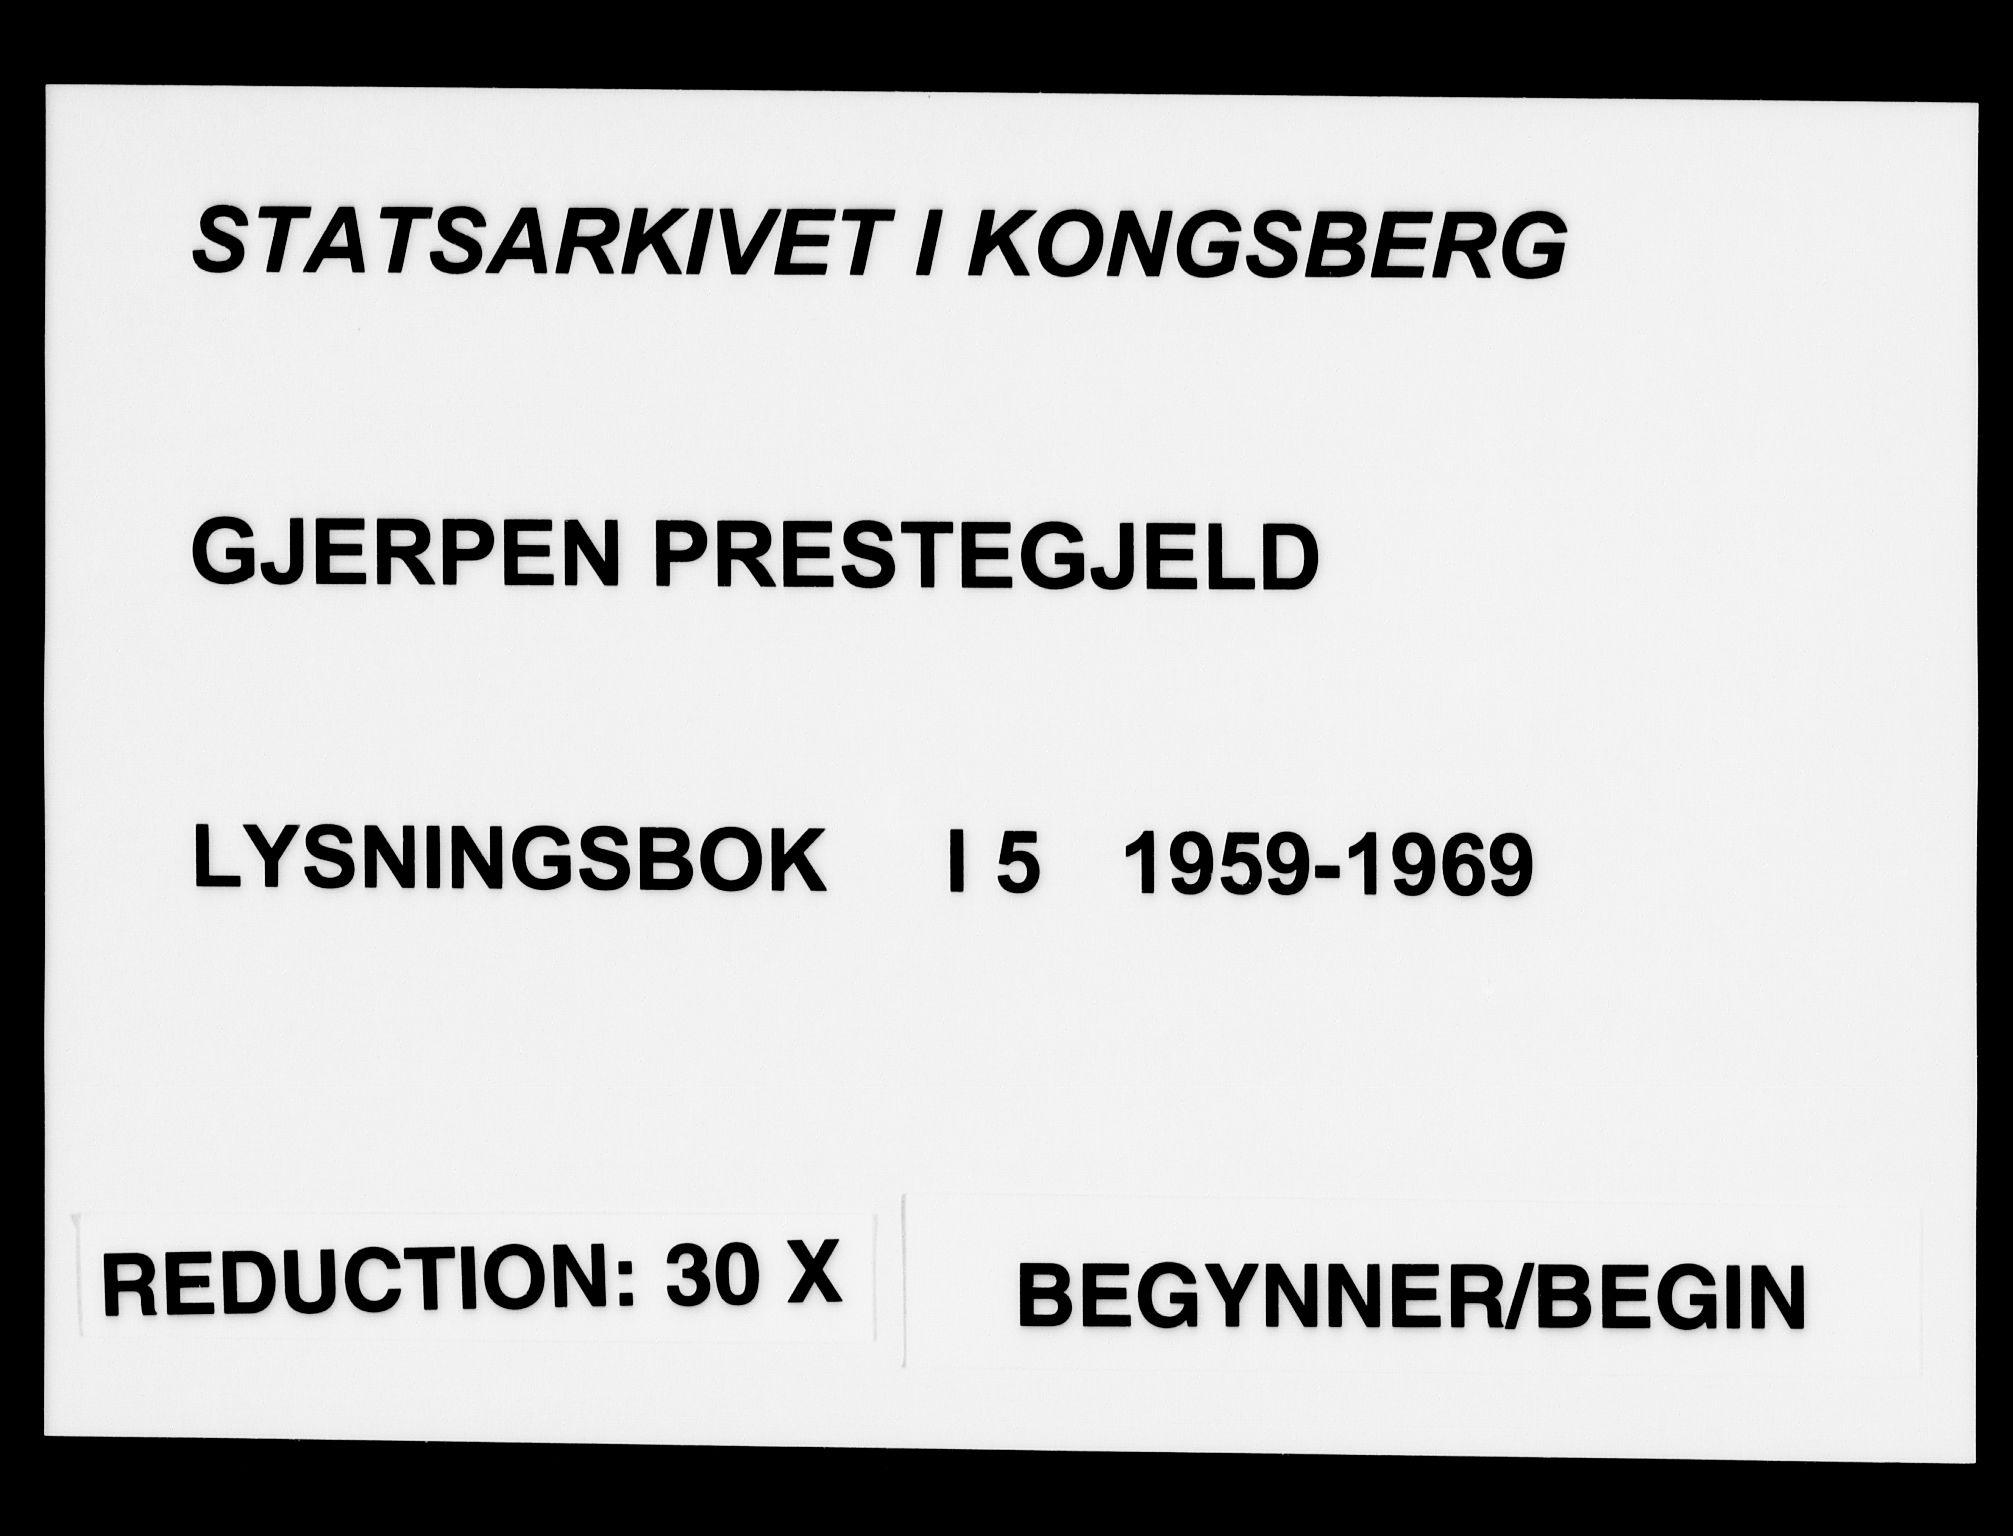 SAKO, Gjerpen kirkebøker, H/Ha/L0005: Lysningsprotokoll nr. I 5, 1959-1969